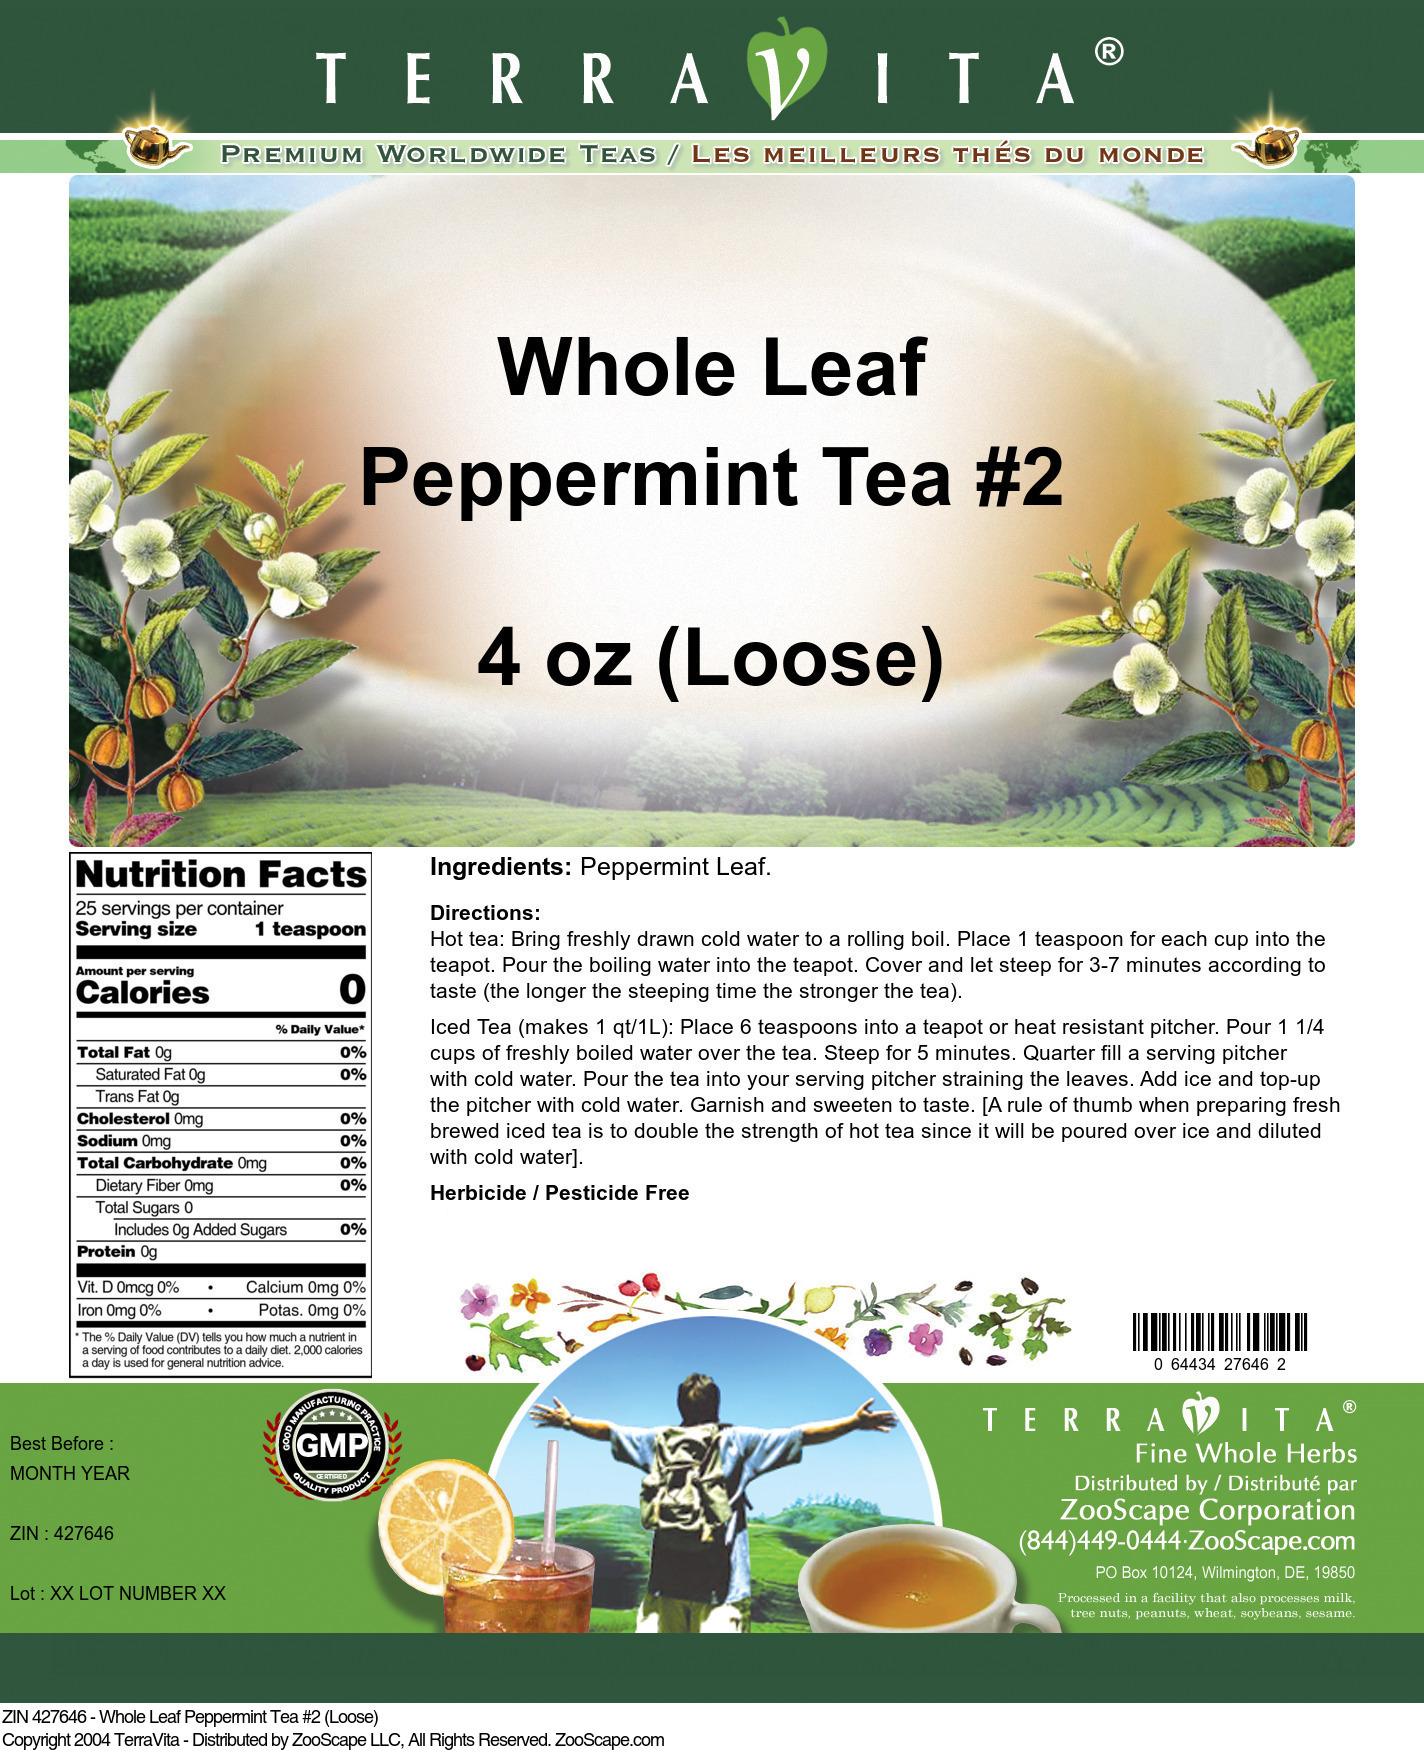 Whole Leaf Peppermint Tea #2 (Loose)